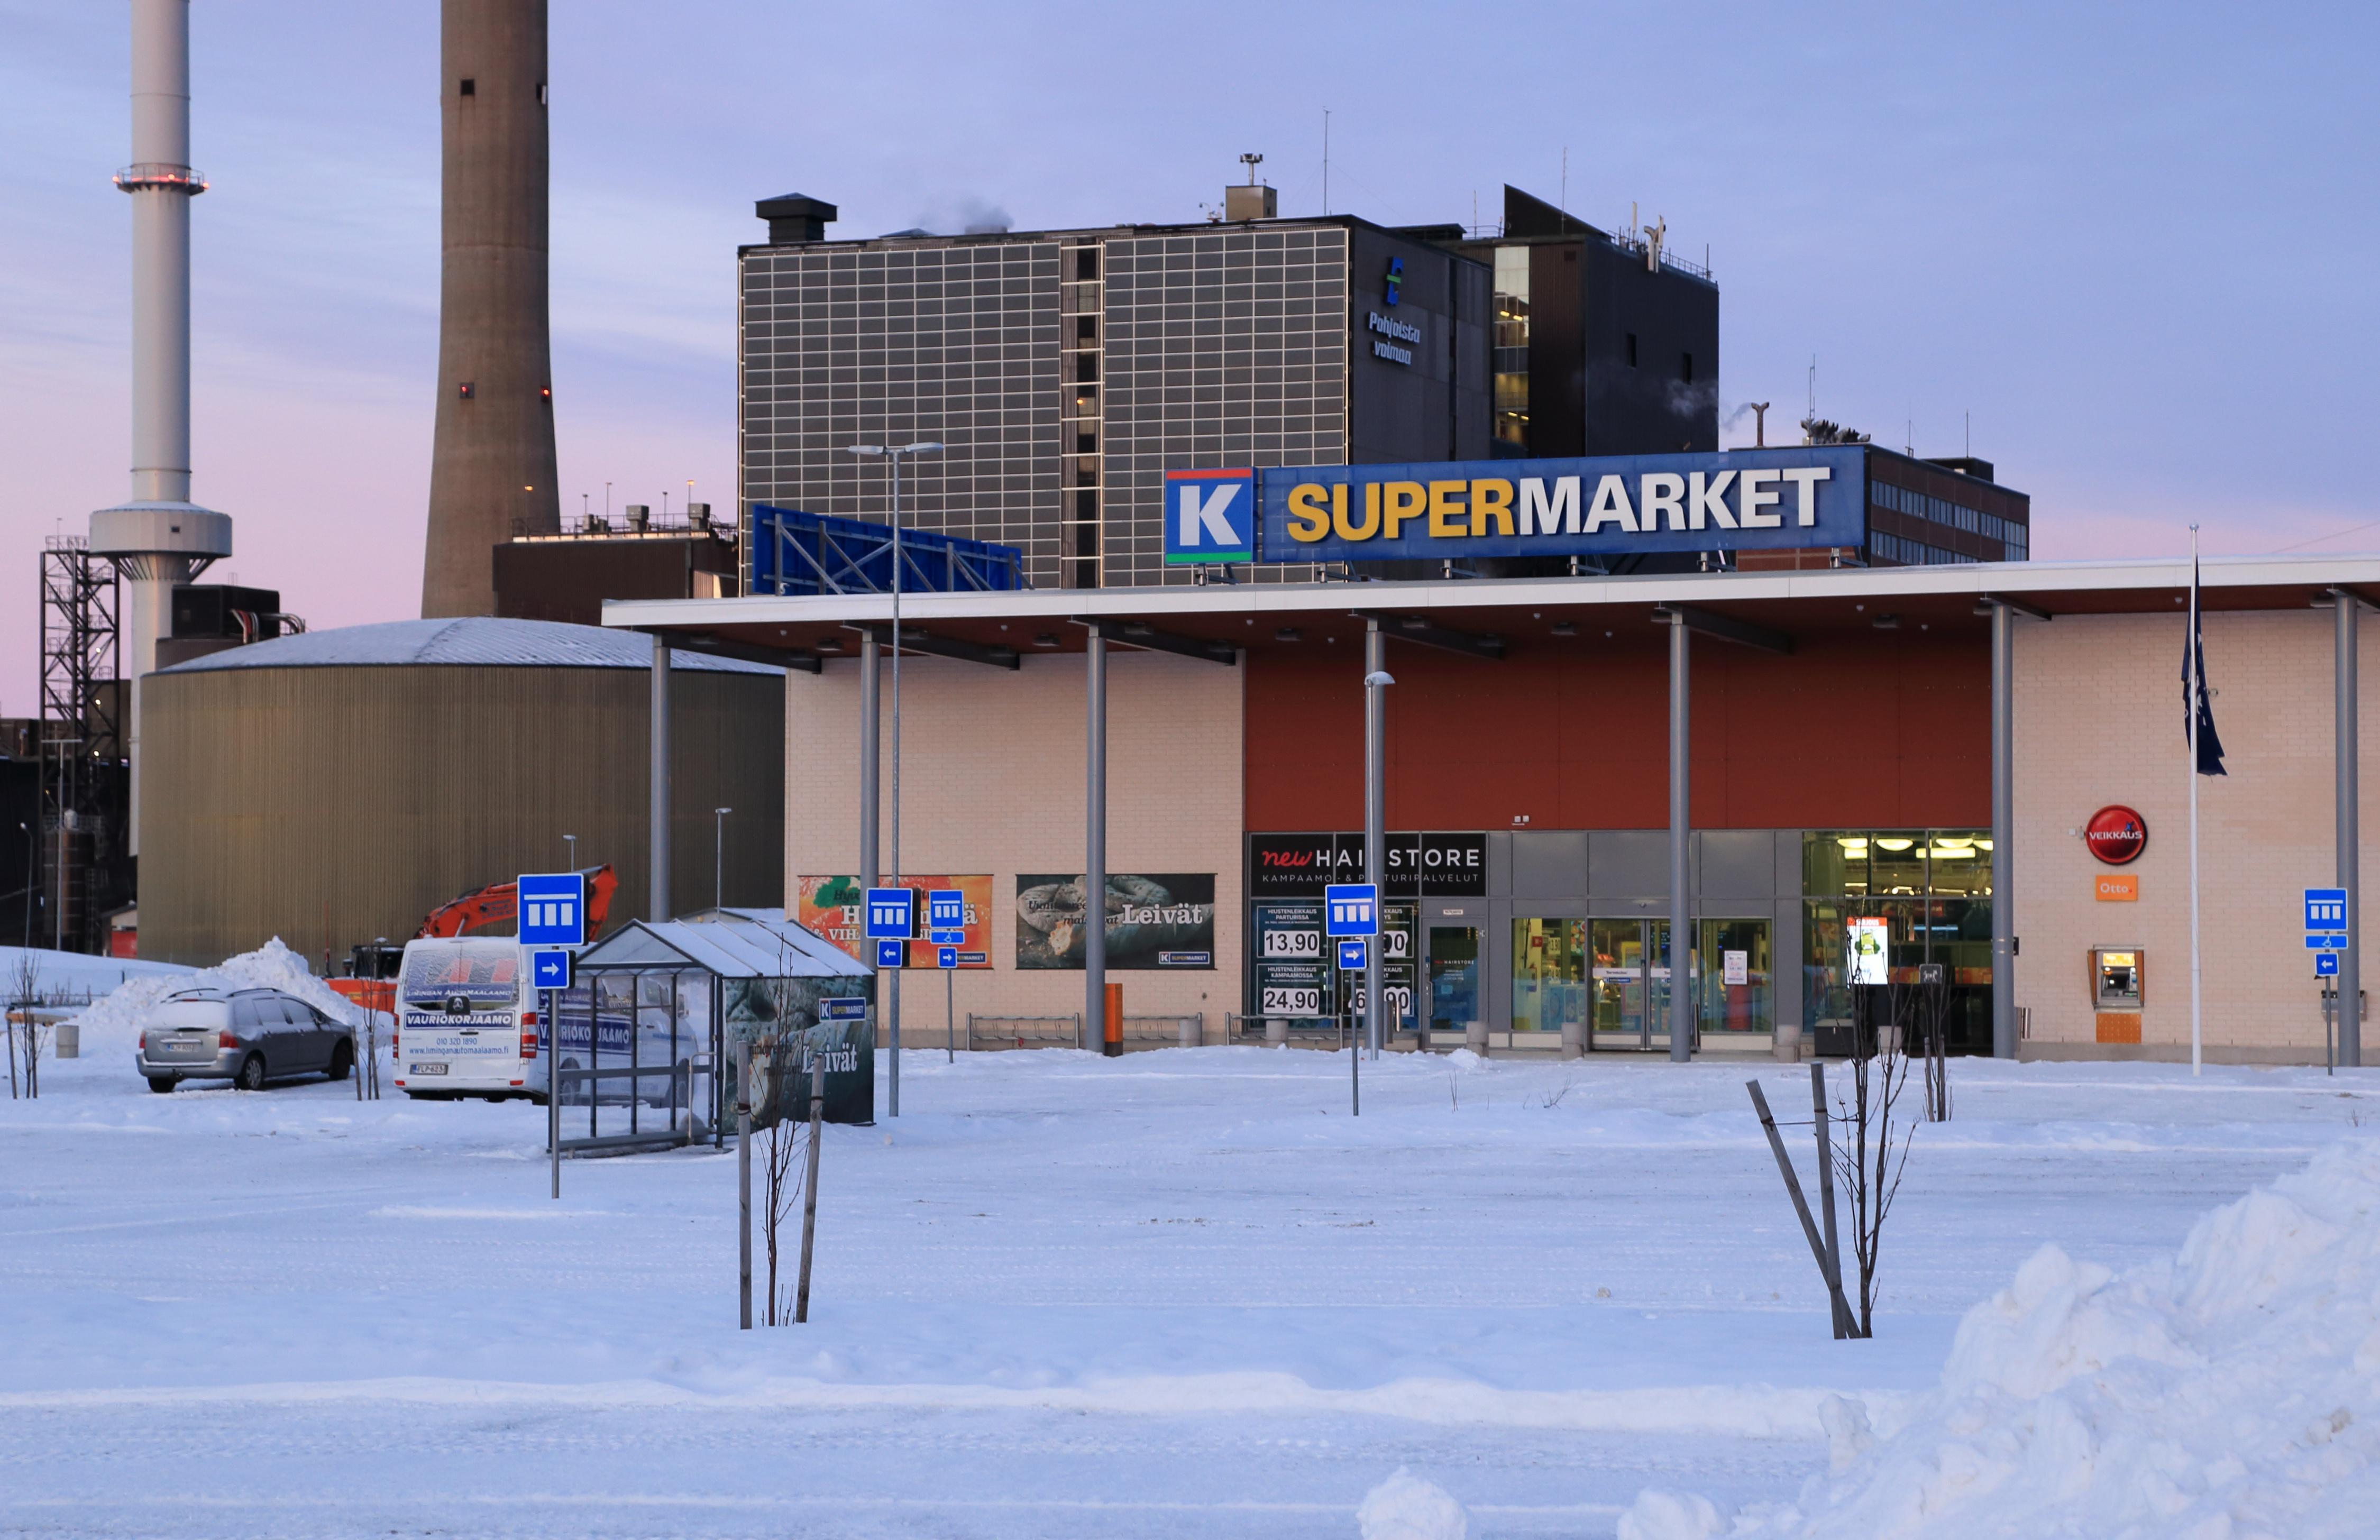 O supermercado K-Supermarket Hämeenkylä em Finland, Southern Finland, Espoo